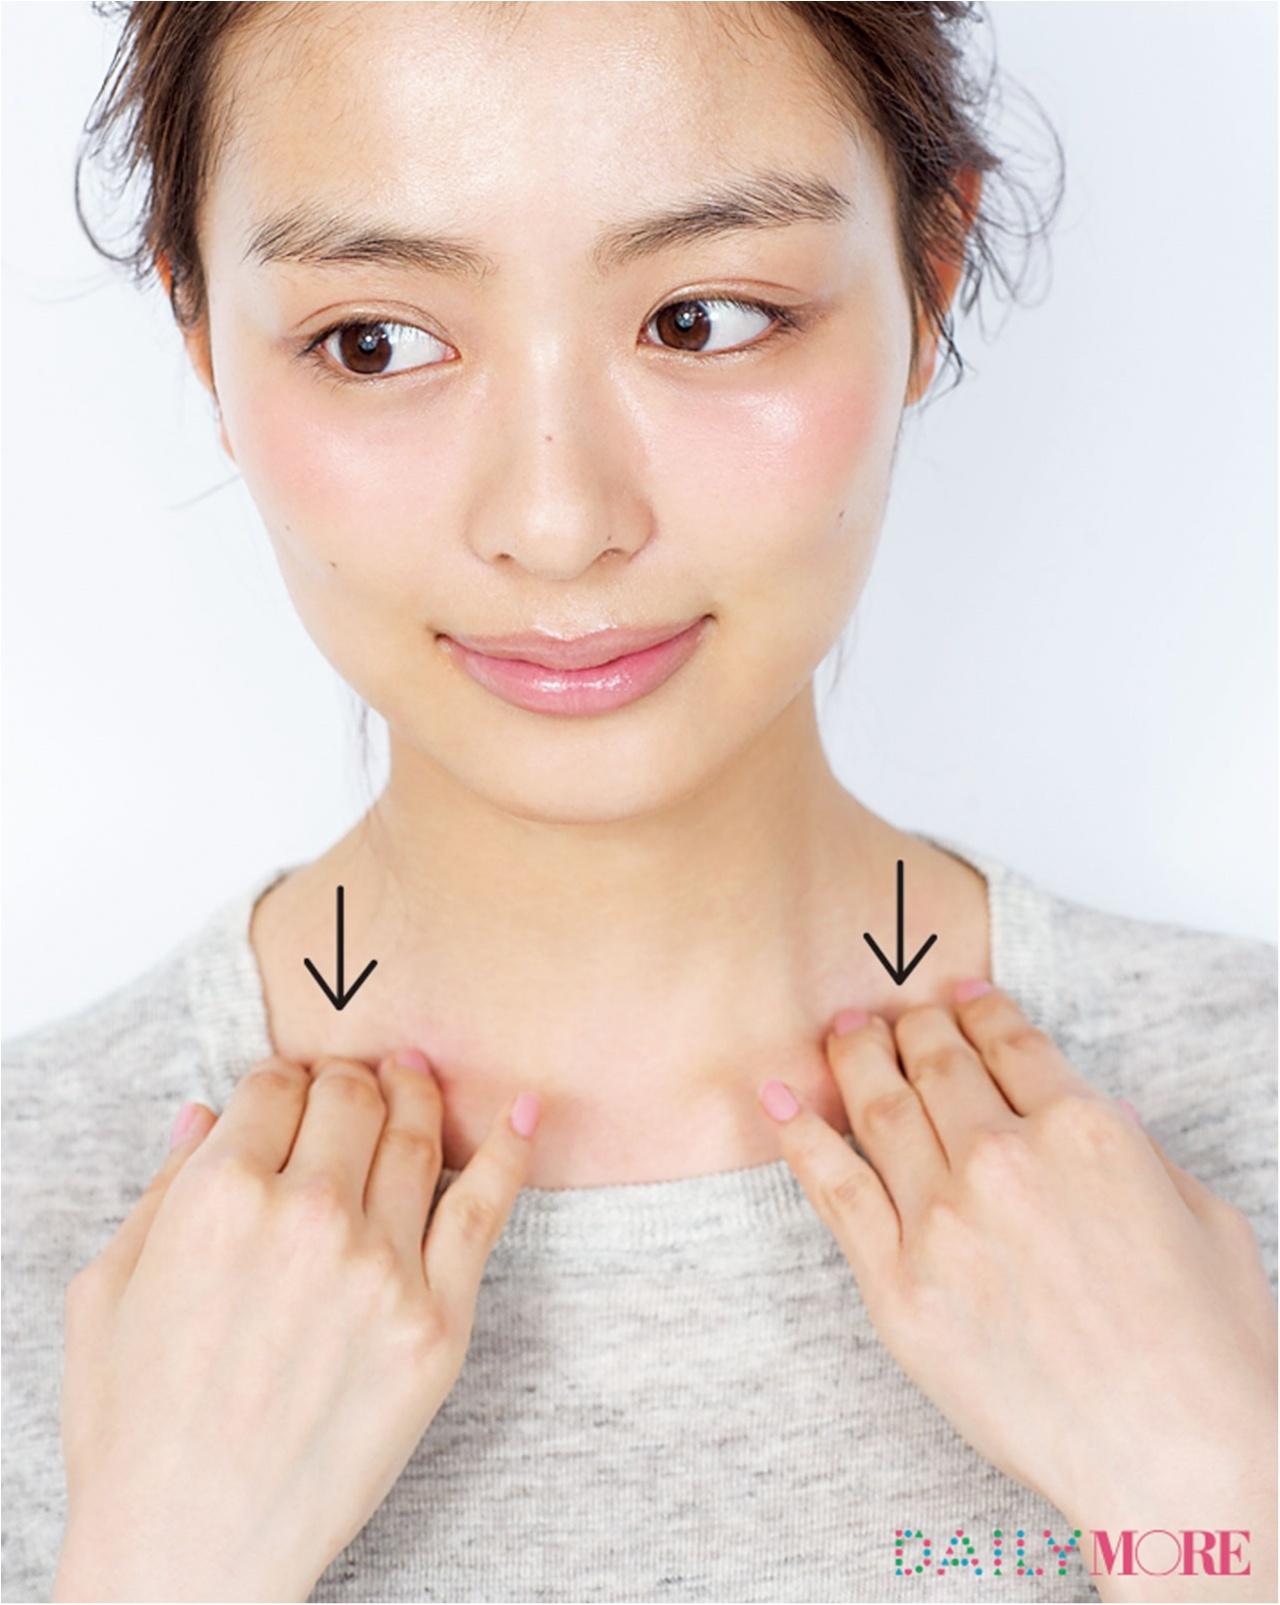 小顔マッサージ特集 - すぐにできる! むくみやたるみを解消してすっきり小顔を手に入れる方法_93